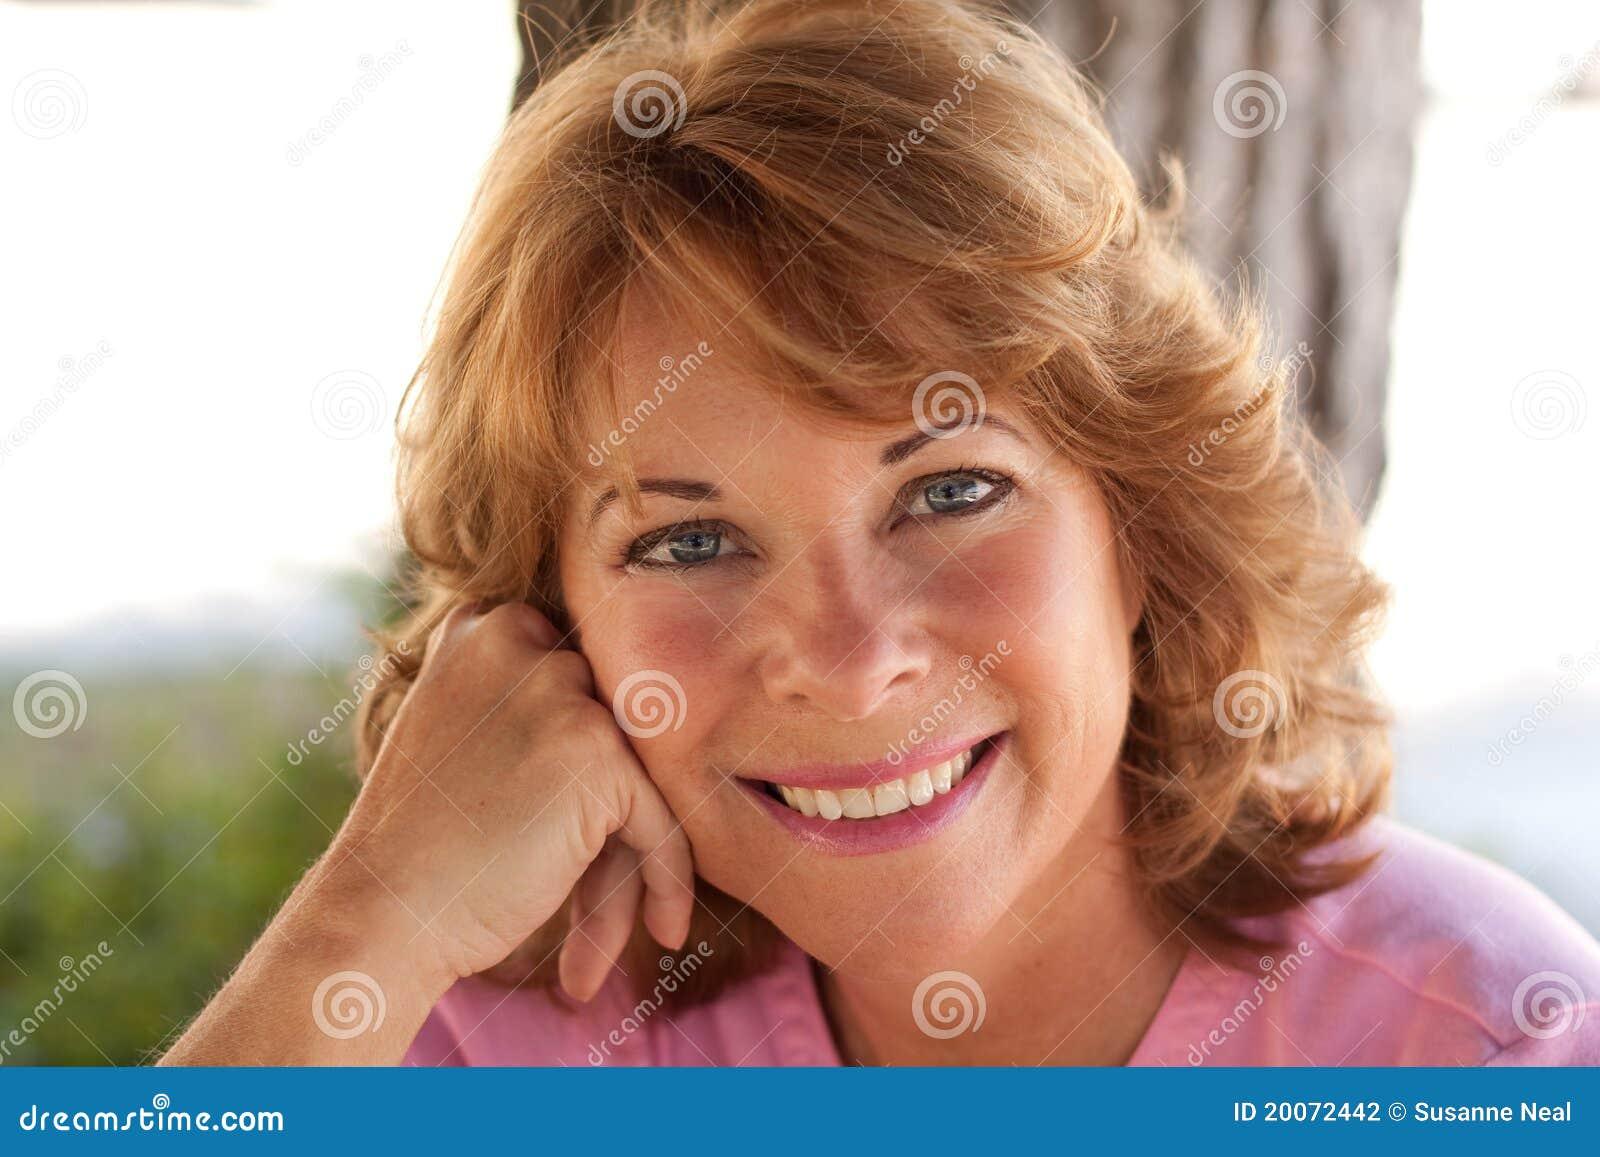 Sexy hd redhead model